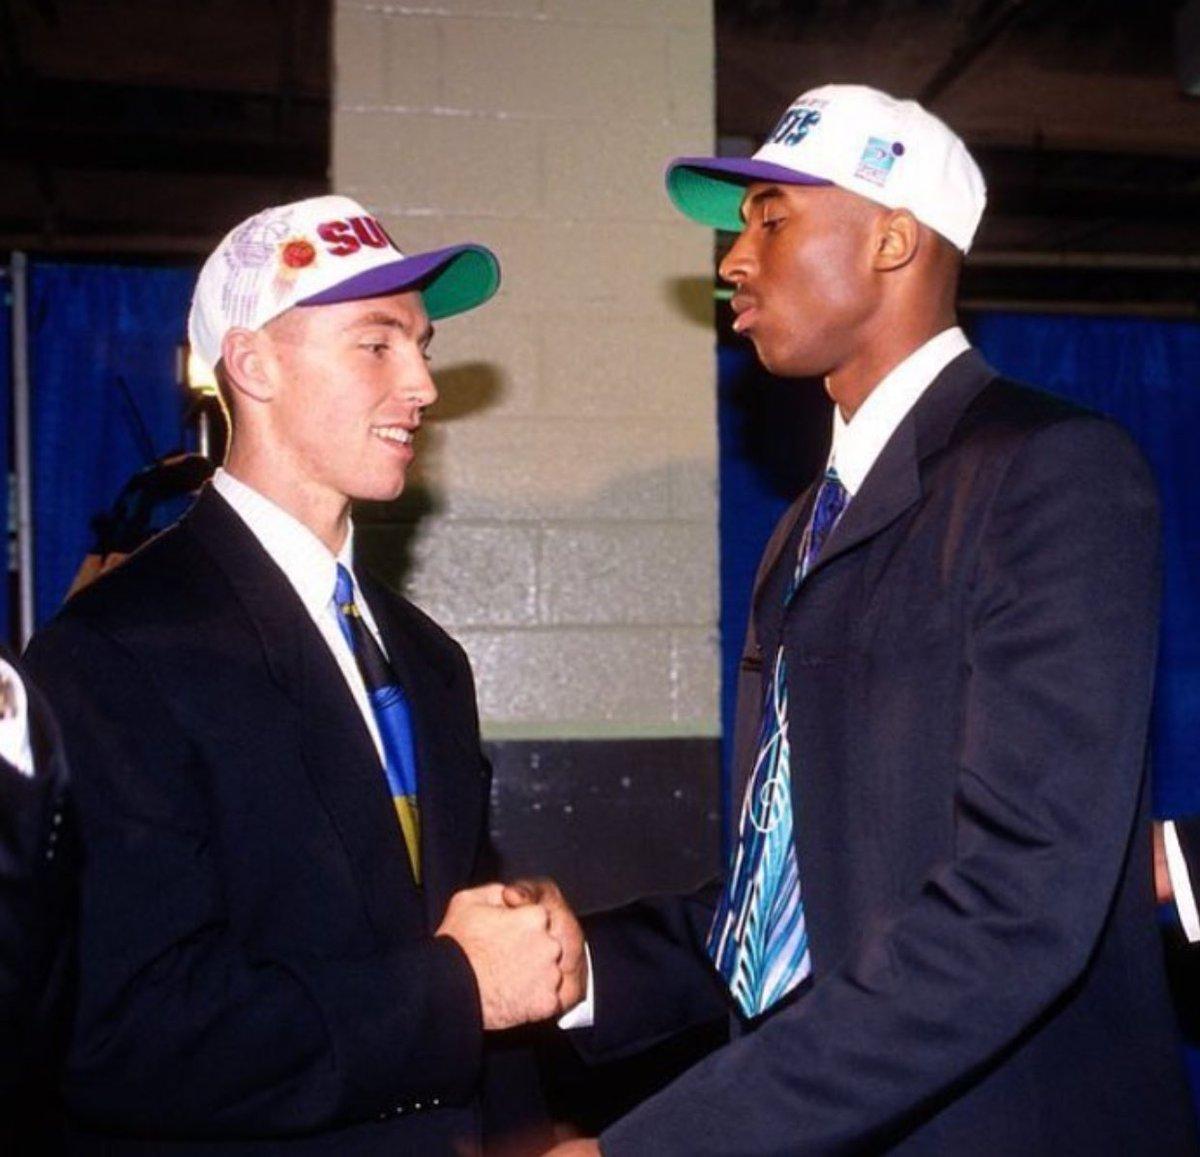 满满的回忆!美媒晒出科比和纳什在1996年选秀大会上的合影